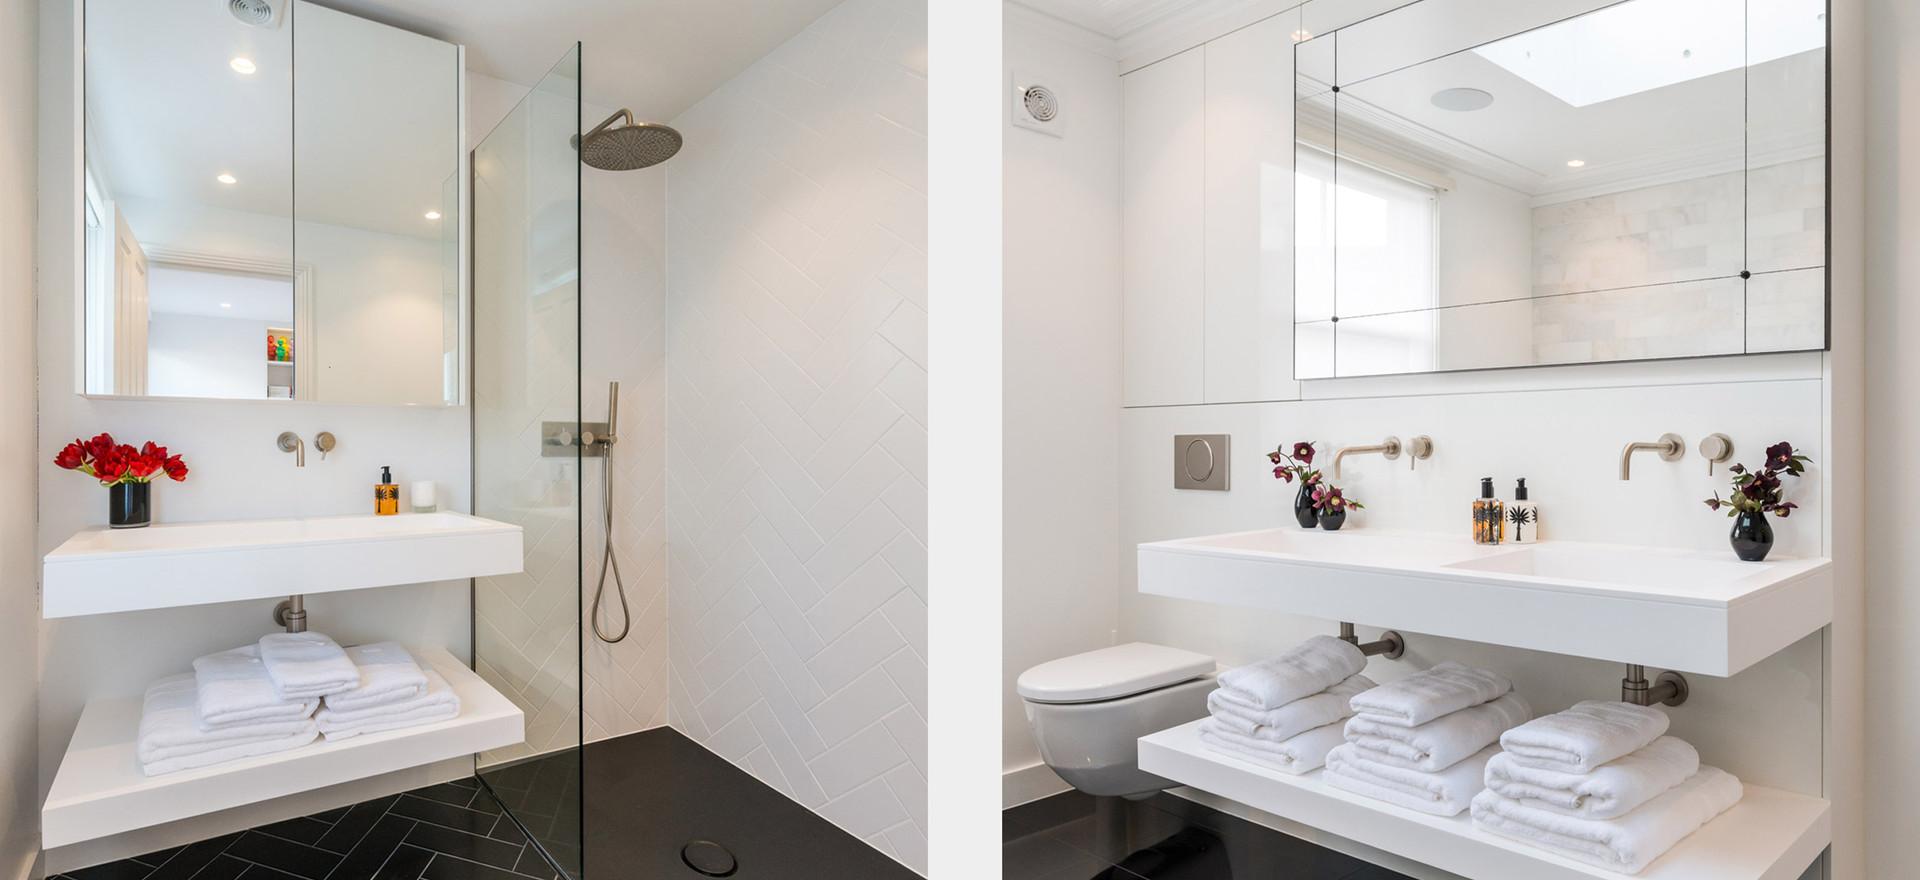 StG-baths-x2.jpg